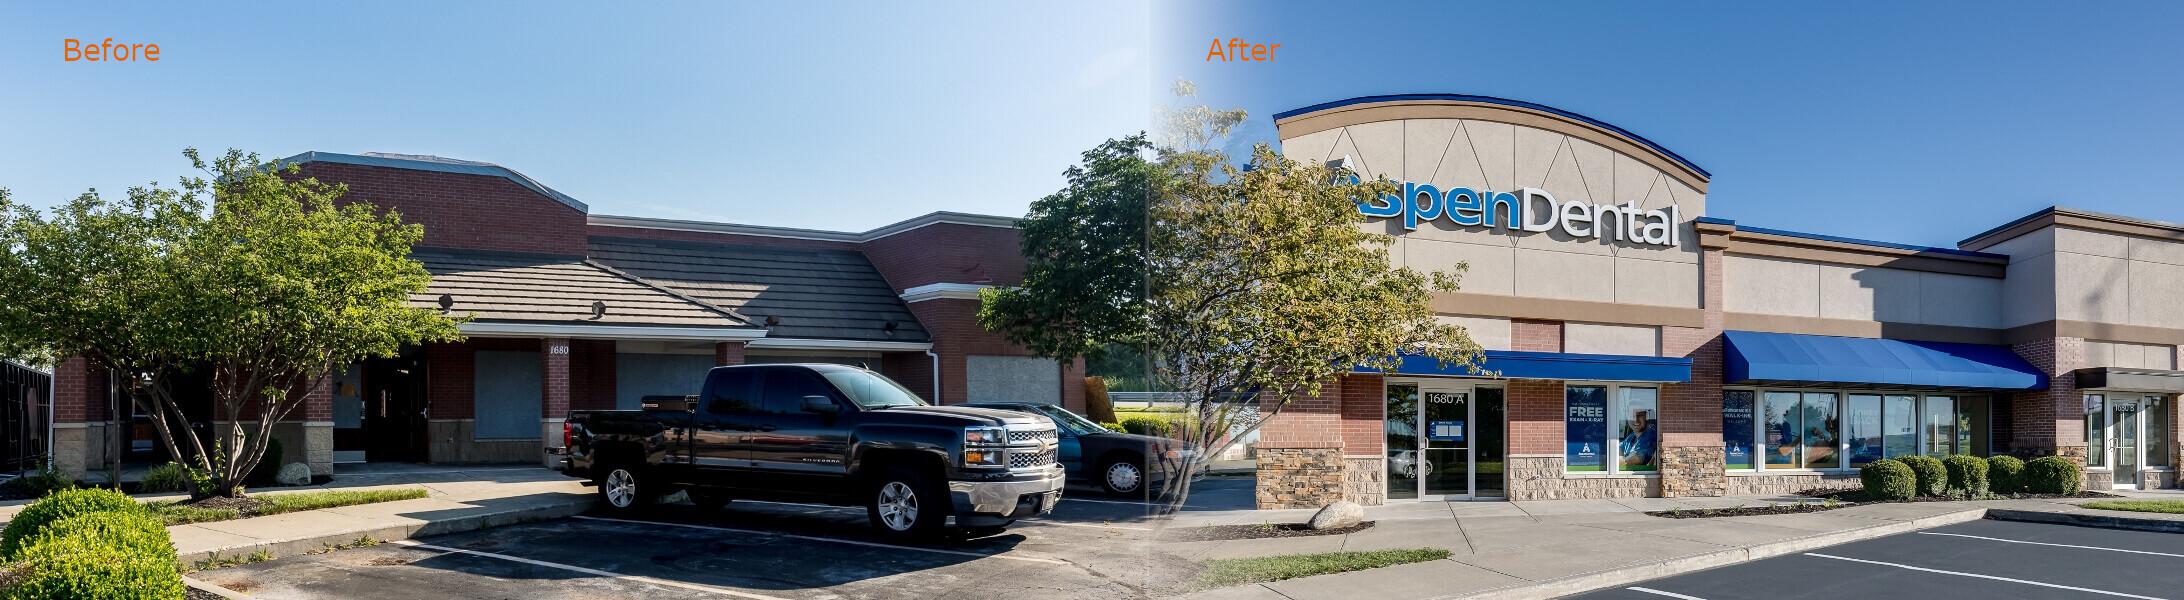 Aspen-Dental-Before-After